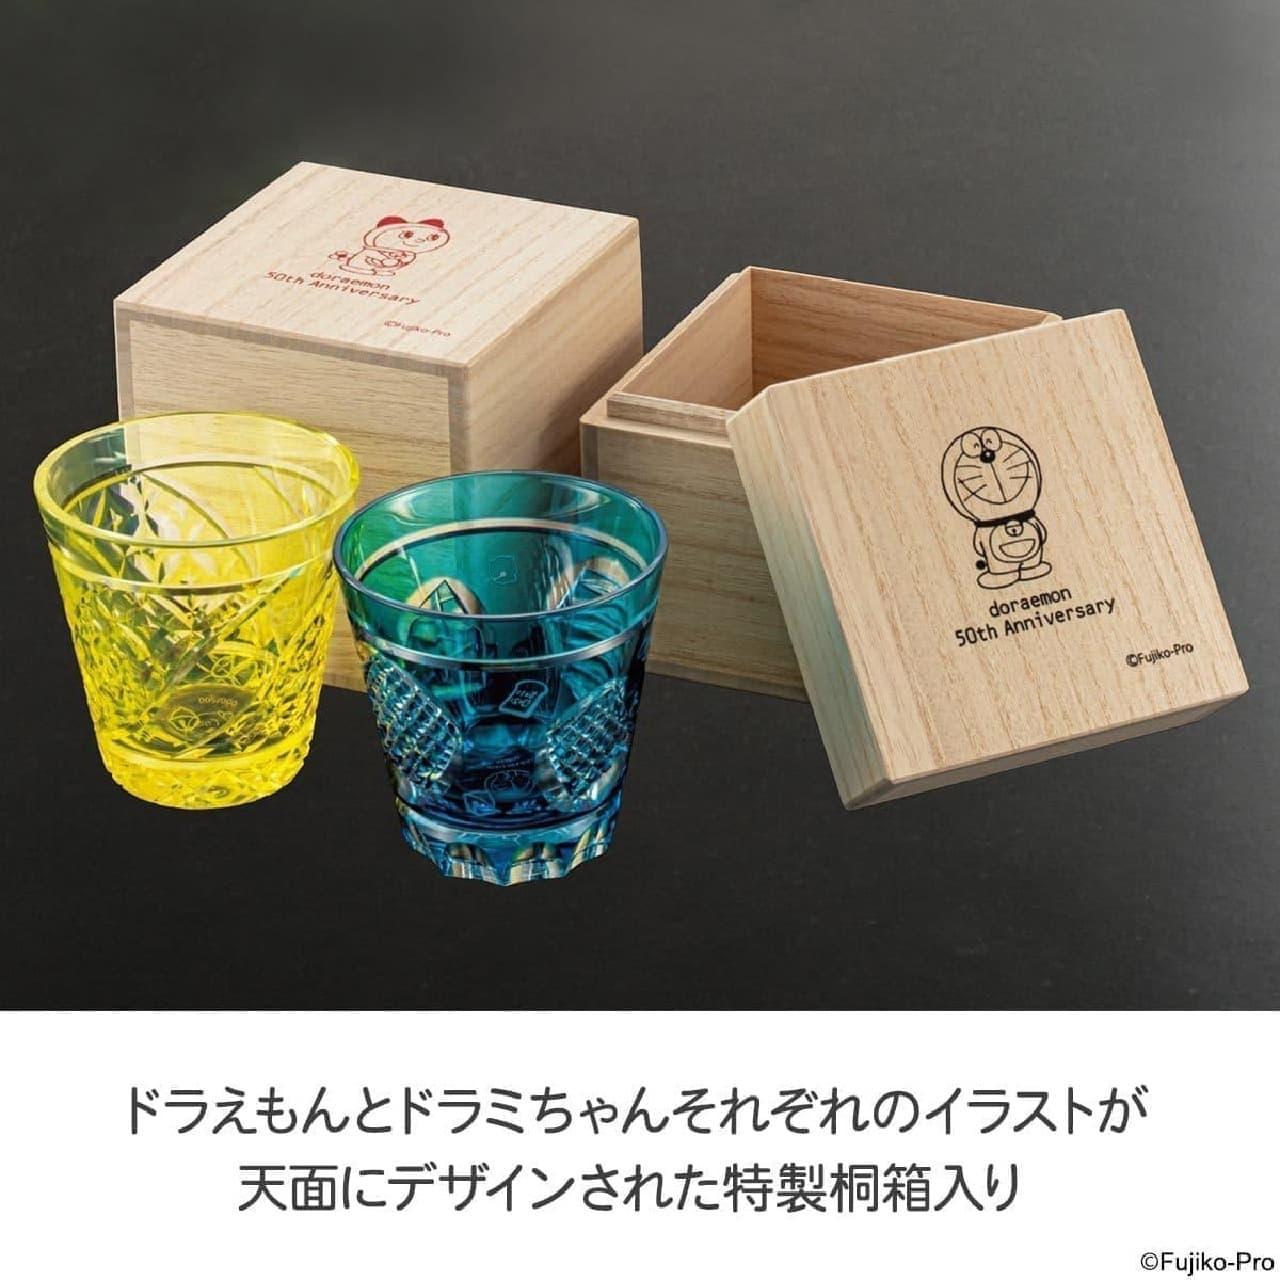 「ドラえもん 夢切子 江戸切子グラス」発売 -- タイムふろしき・アンキパンの模様も